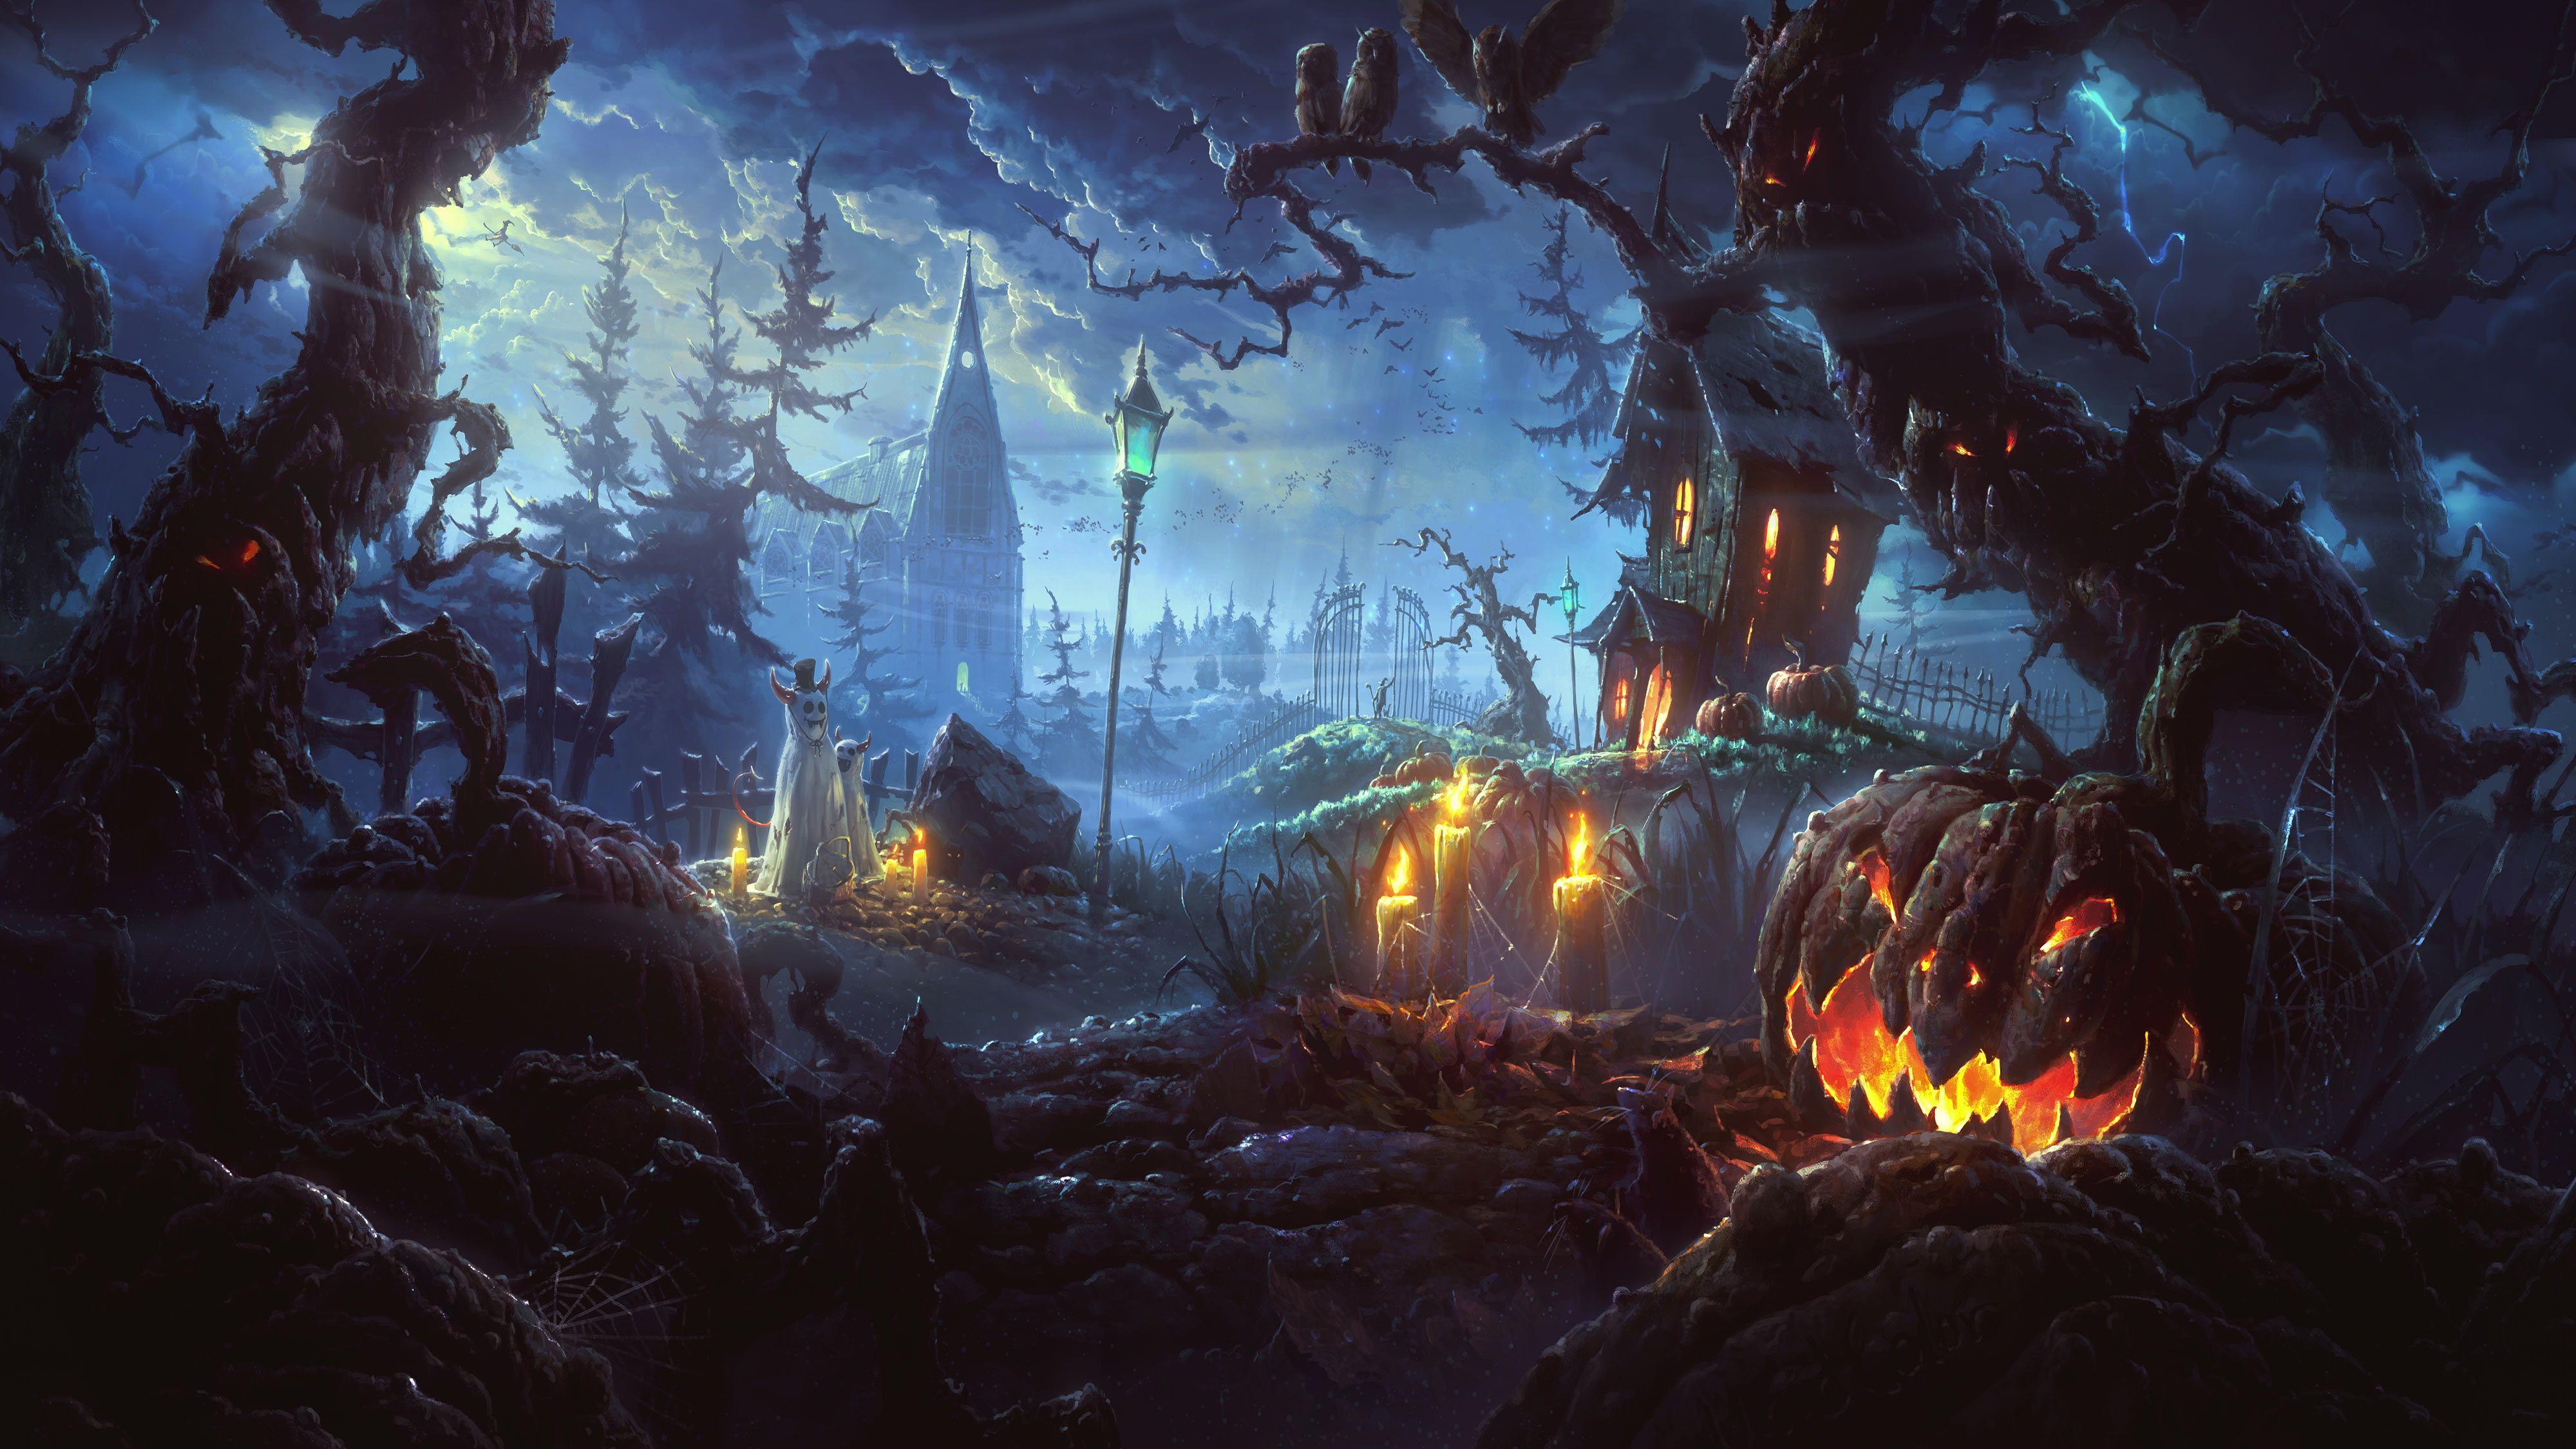 Halloween wallpapers computer desktop hd wallpapers 4000x2250